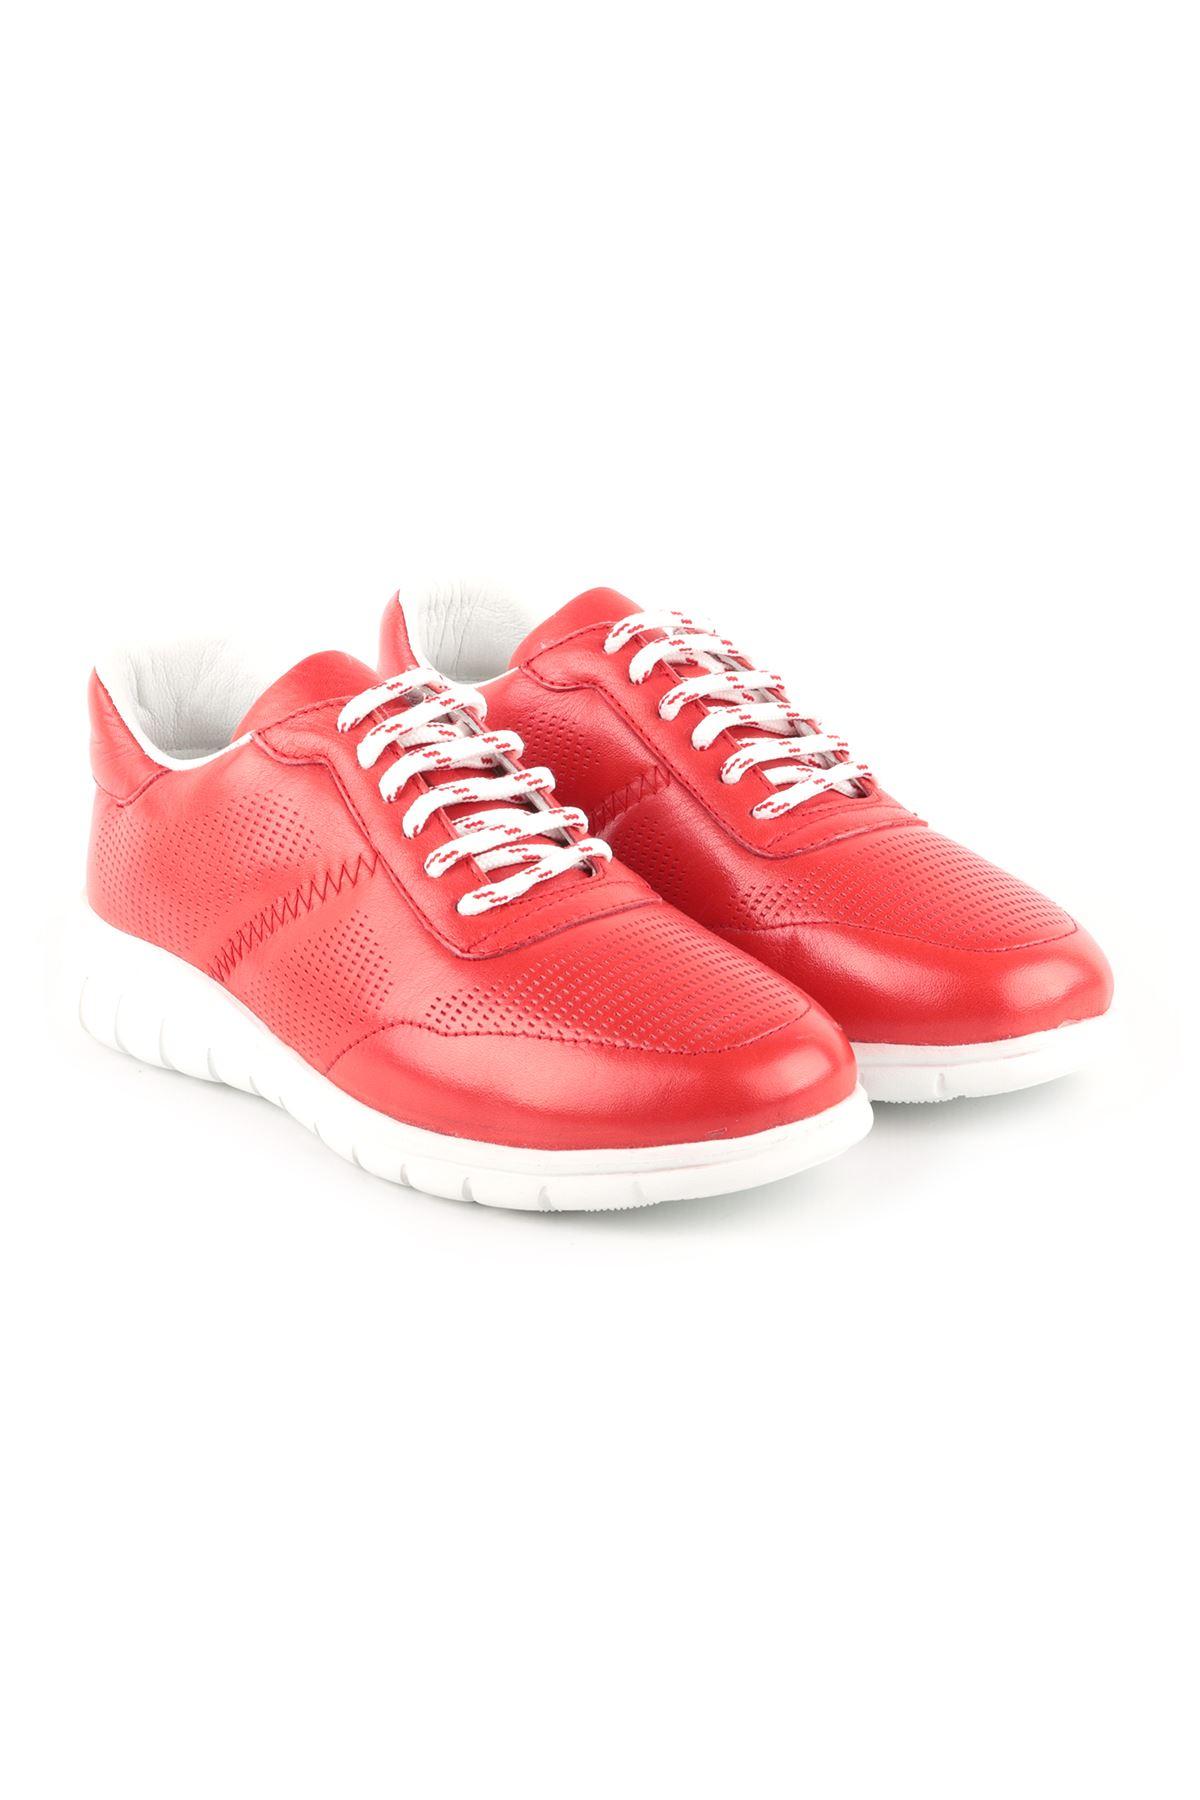 Libero LZ3414 Kırmızı Spor Ayakkabı